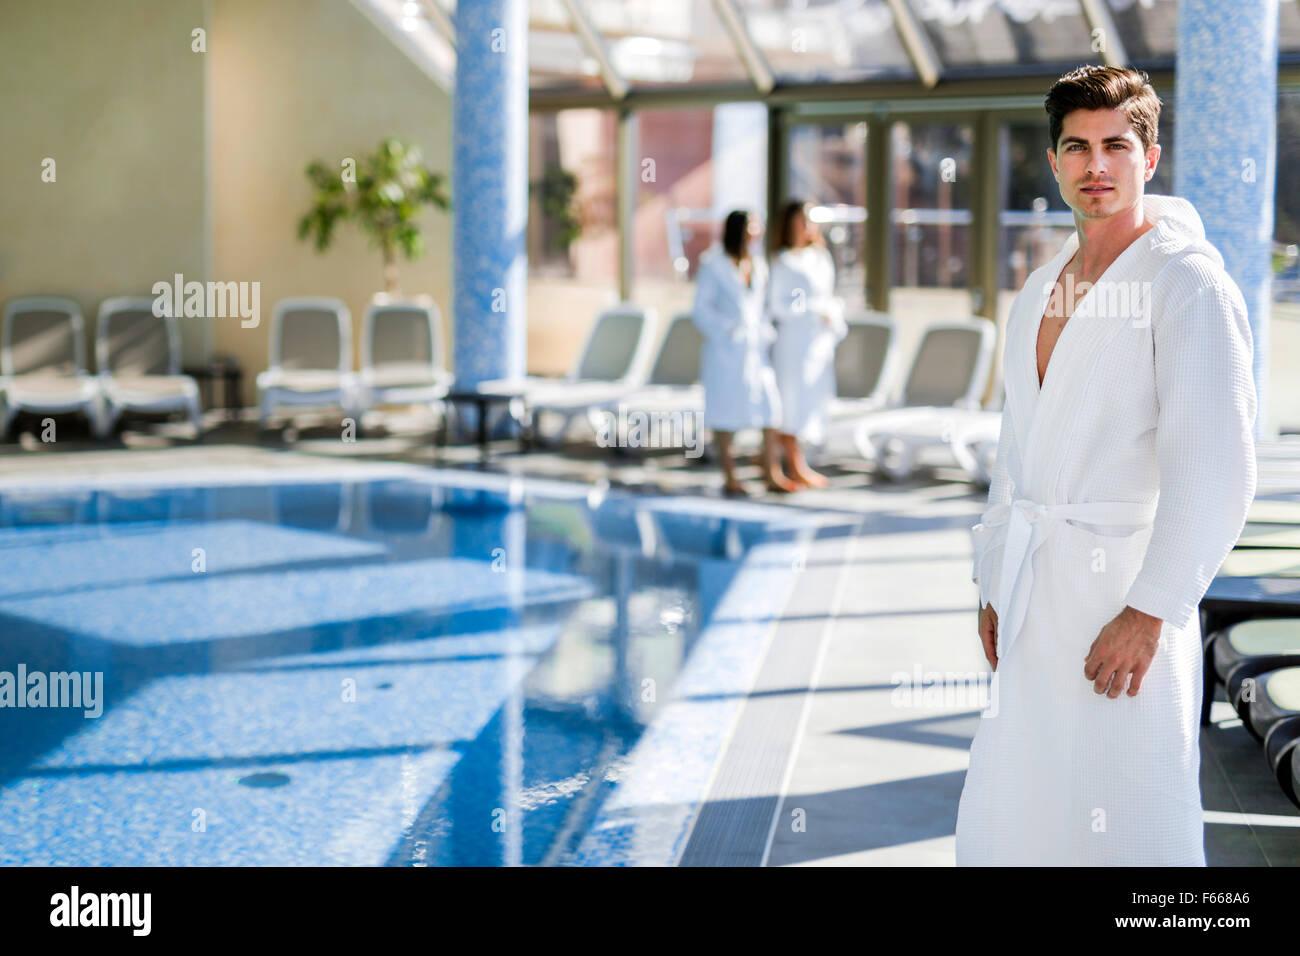 Homme debout à côté d'une piscine dans une robe et relaxant Photo Stock